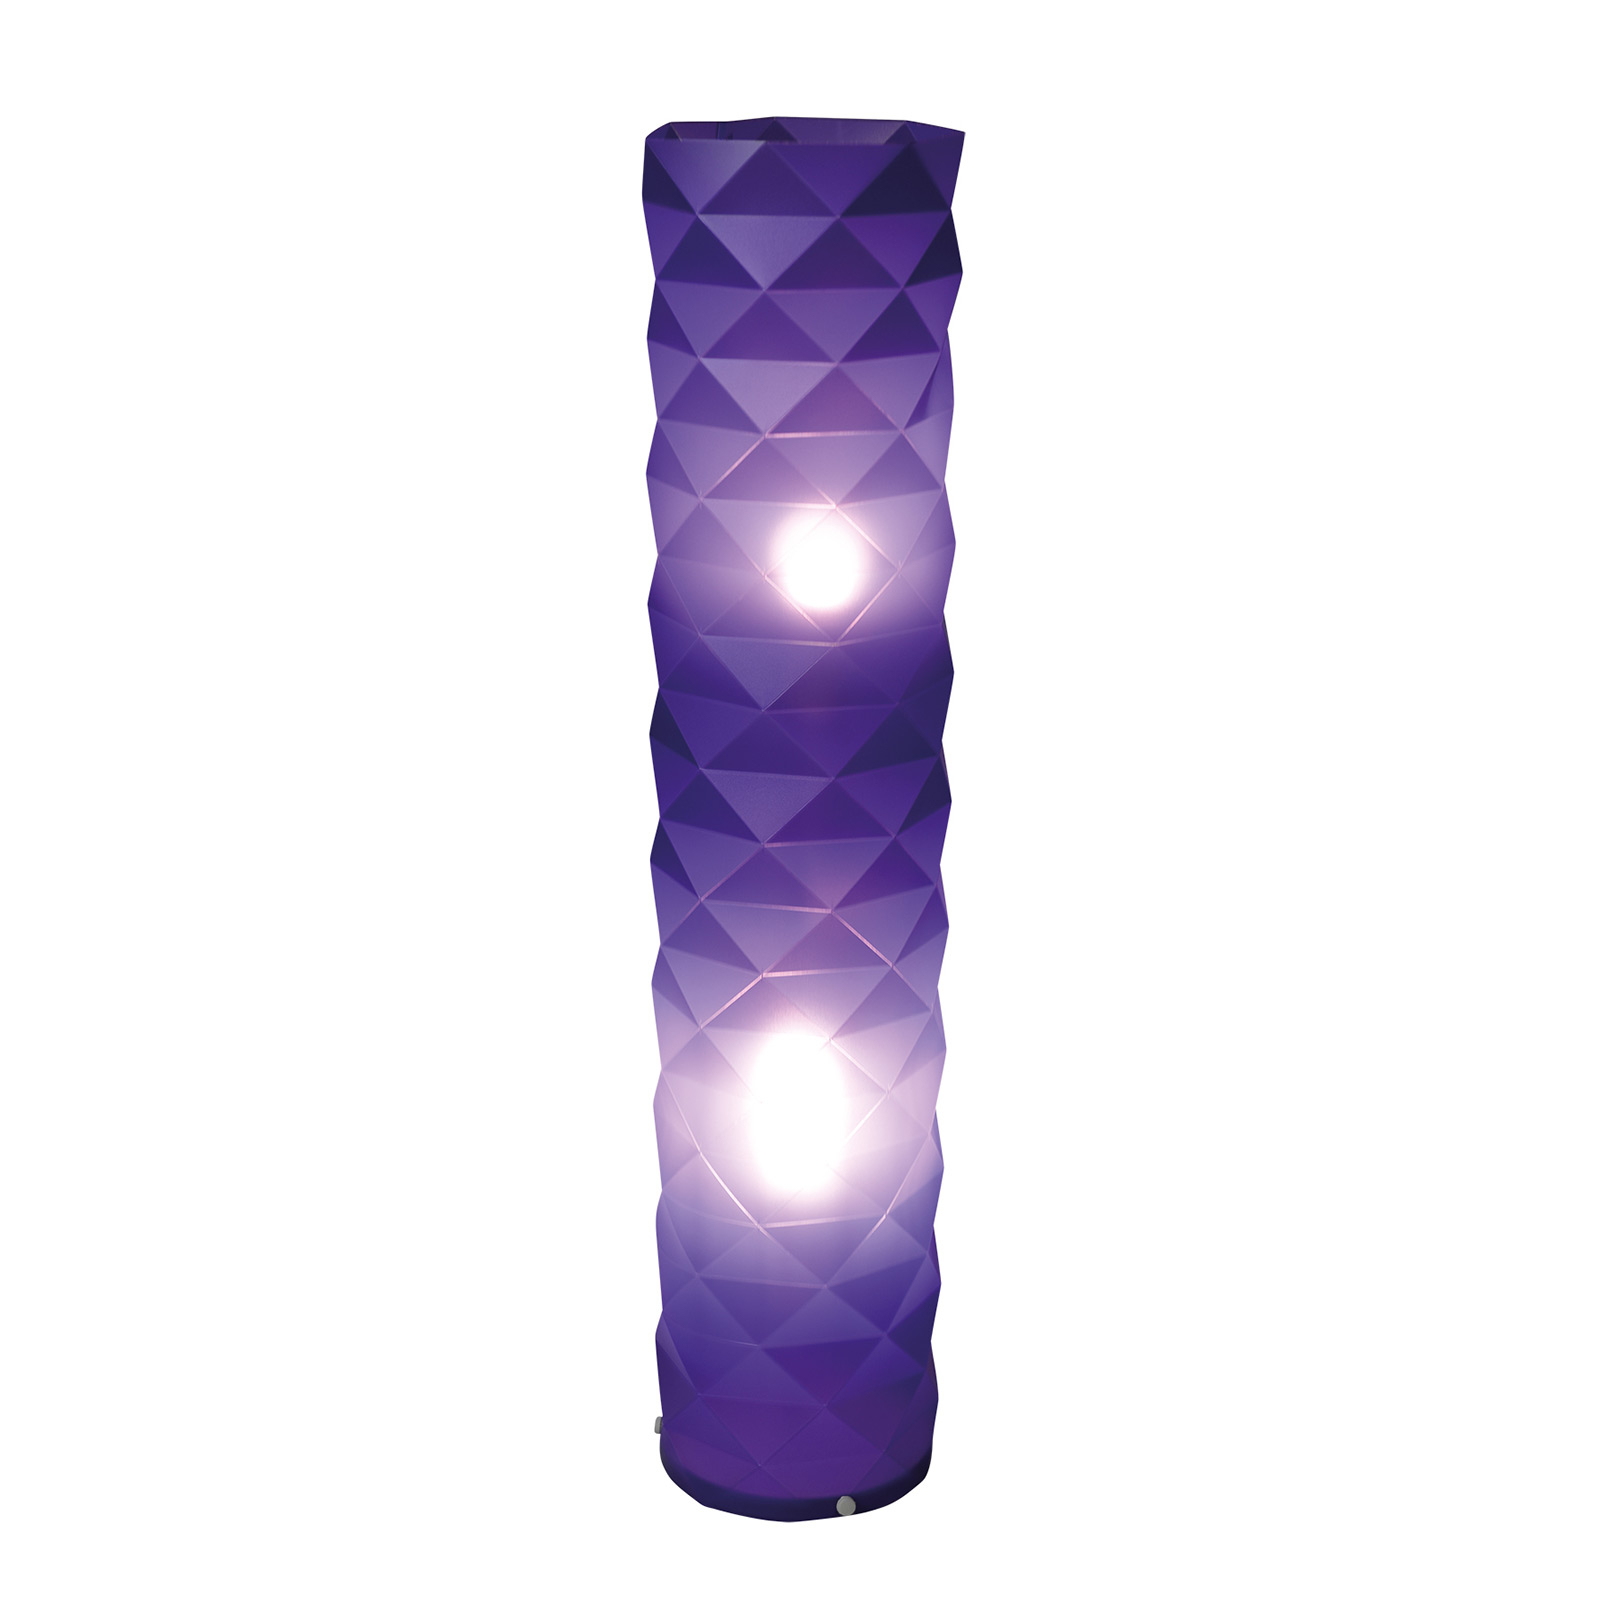 Lattiavalaisin Elia, violetti, jalkakytkin